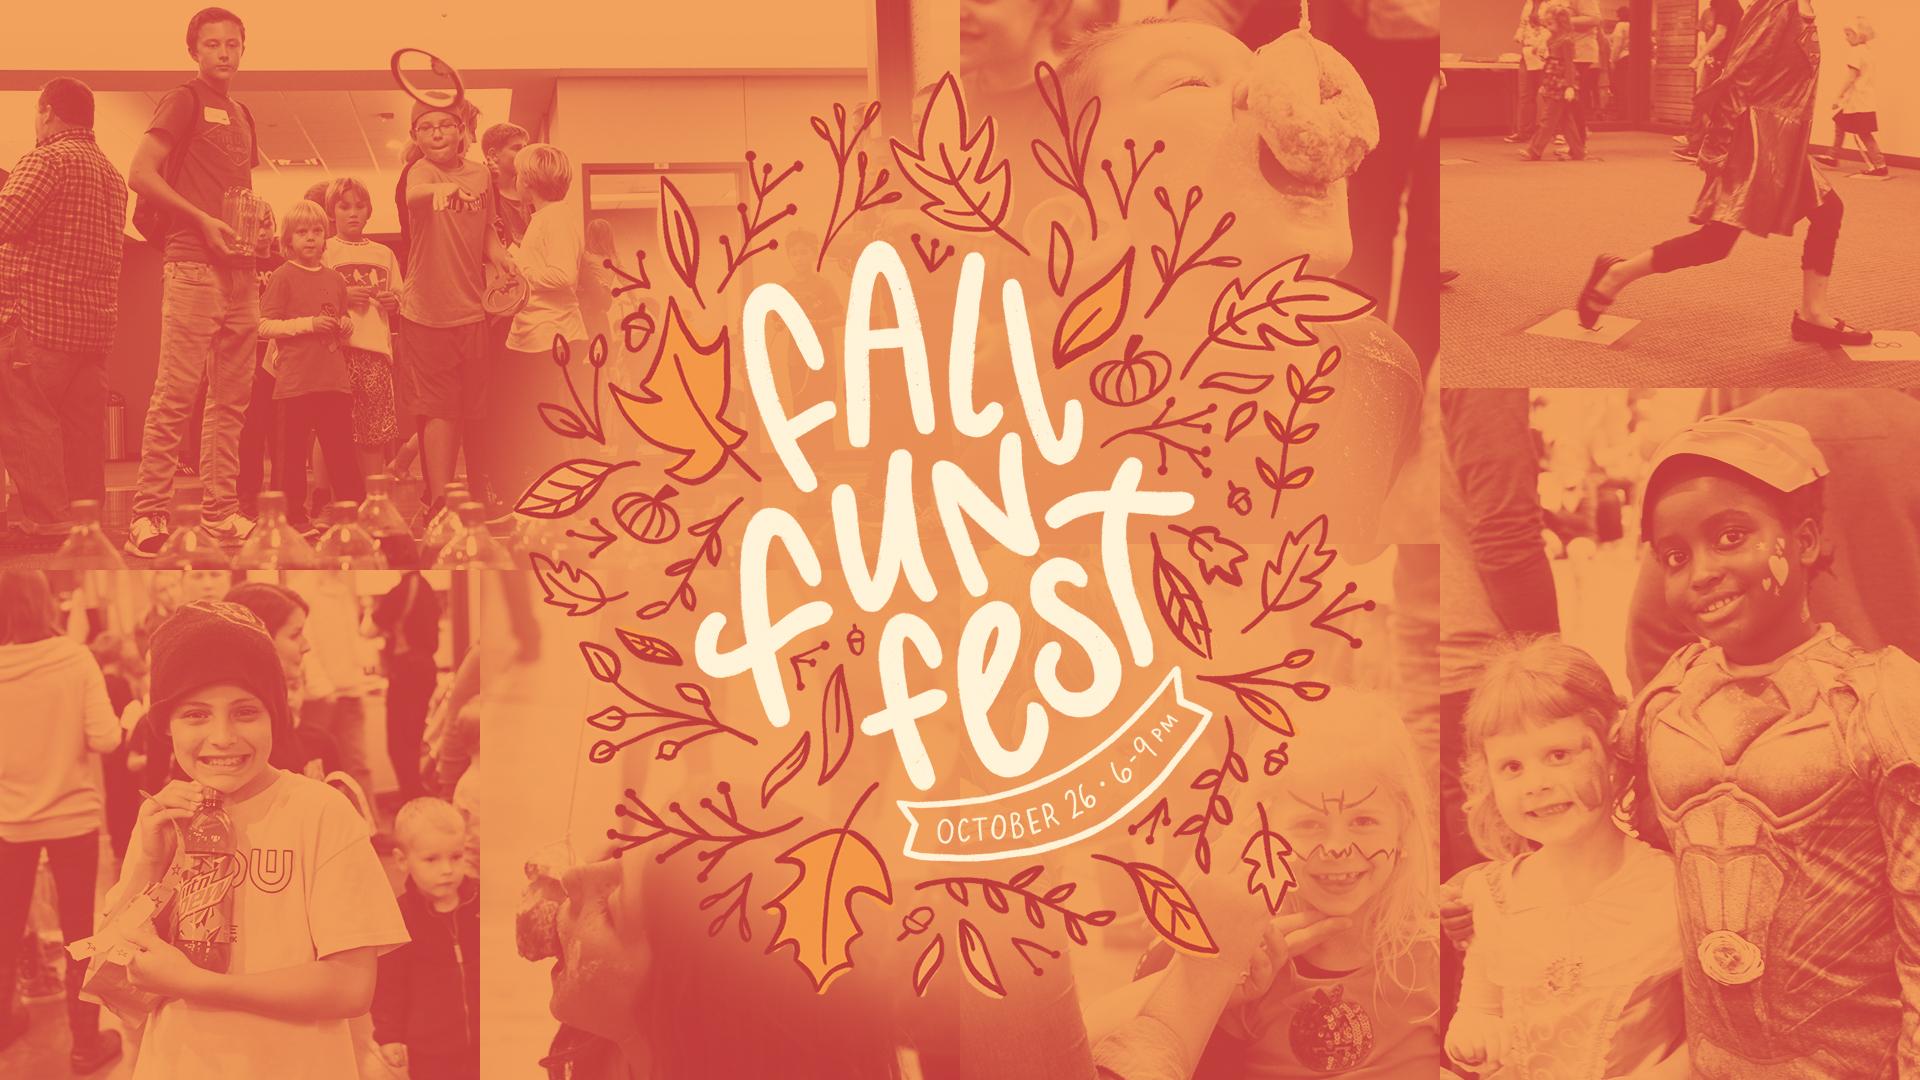 FallFunFest2018.jpg